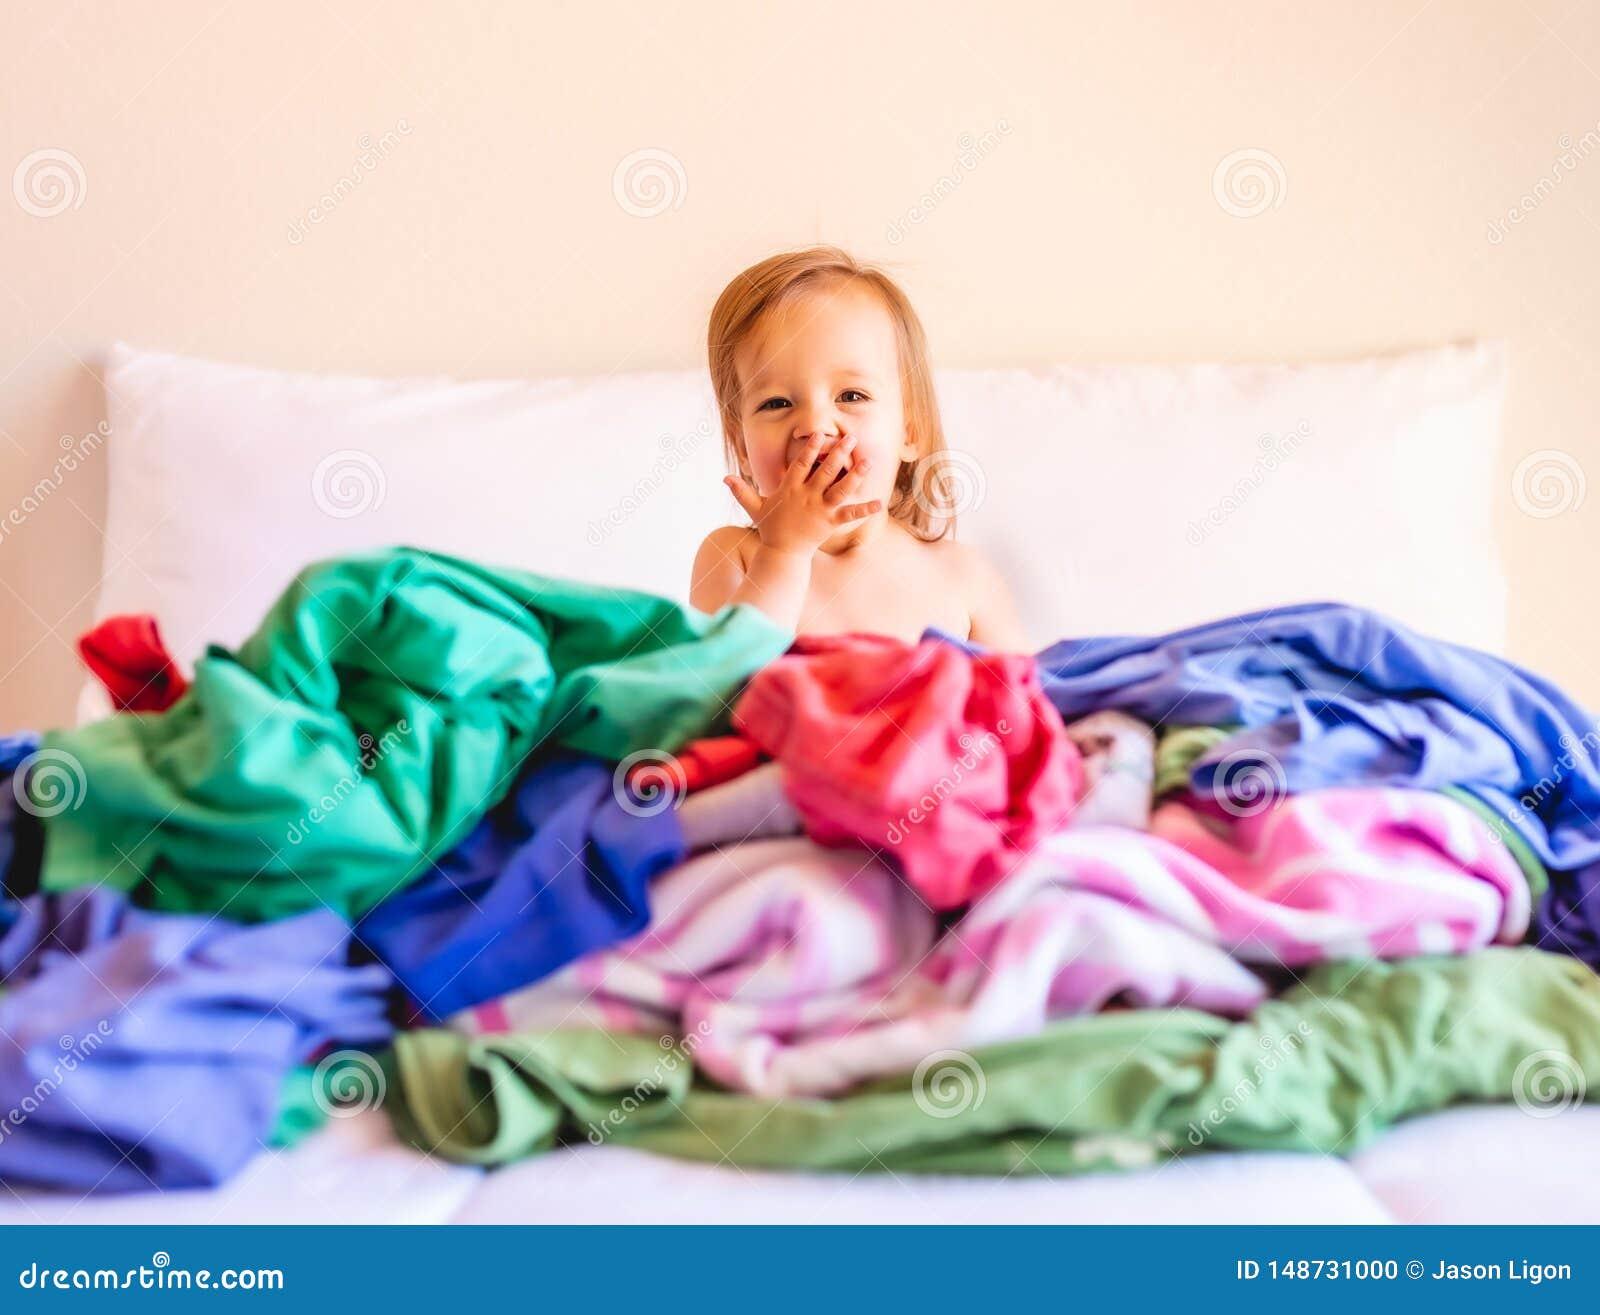 Leuke, Aanbiddelijke, Glimlachende, Kaukasische Babyzitting in een Stapel van Vuile Wasserij op Bed